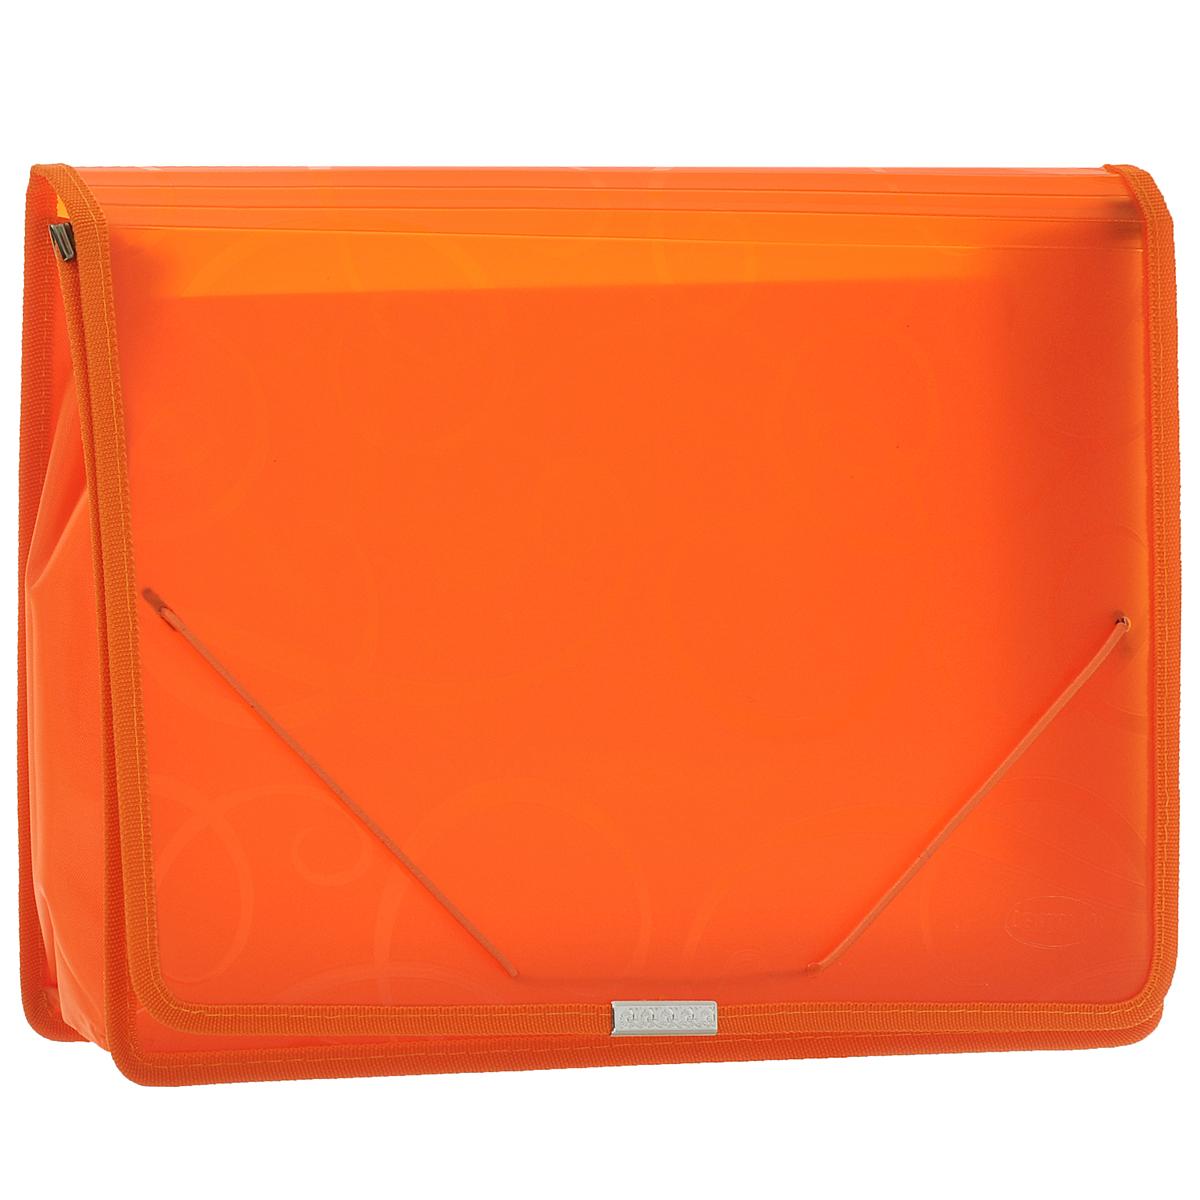 Папка-конверт на резинке Centrum, цвет: оранжевый. Формат А4. 8080280802ОПапка-конверт на резинке Centrum - это удобный и функциональный офисный инструмент, предназначенный для хранения и транспортировки рабочих бумаг и документов формата А4. Папка с двойной угловой фиксацией резиновой лентой изготовлена из износостойкого полупрозрачного полипропилена. Внутри папка имеет одно объемное отделение повышенной вместимости и 2 прозрачных открытых кармашка. Грани папки отделаны полиэстером, что обеспечивает дополнительную прочность и опрятный вид папки. Клапан украшен декоративным металлическим элементом. Папка оформлена тиснением в виде абстрактного орнамента. Папка - это незаменимый атрибут для студента, школьника, офисного работника. Такая папка надежно сохранит ваши документы и сбережет их от повреждений, пыли и влаги.